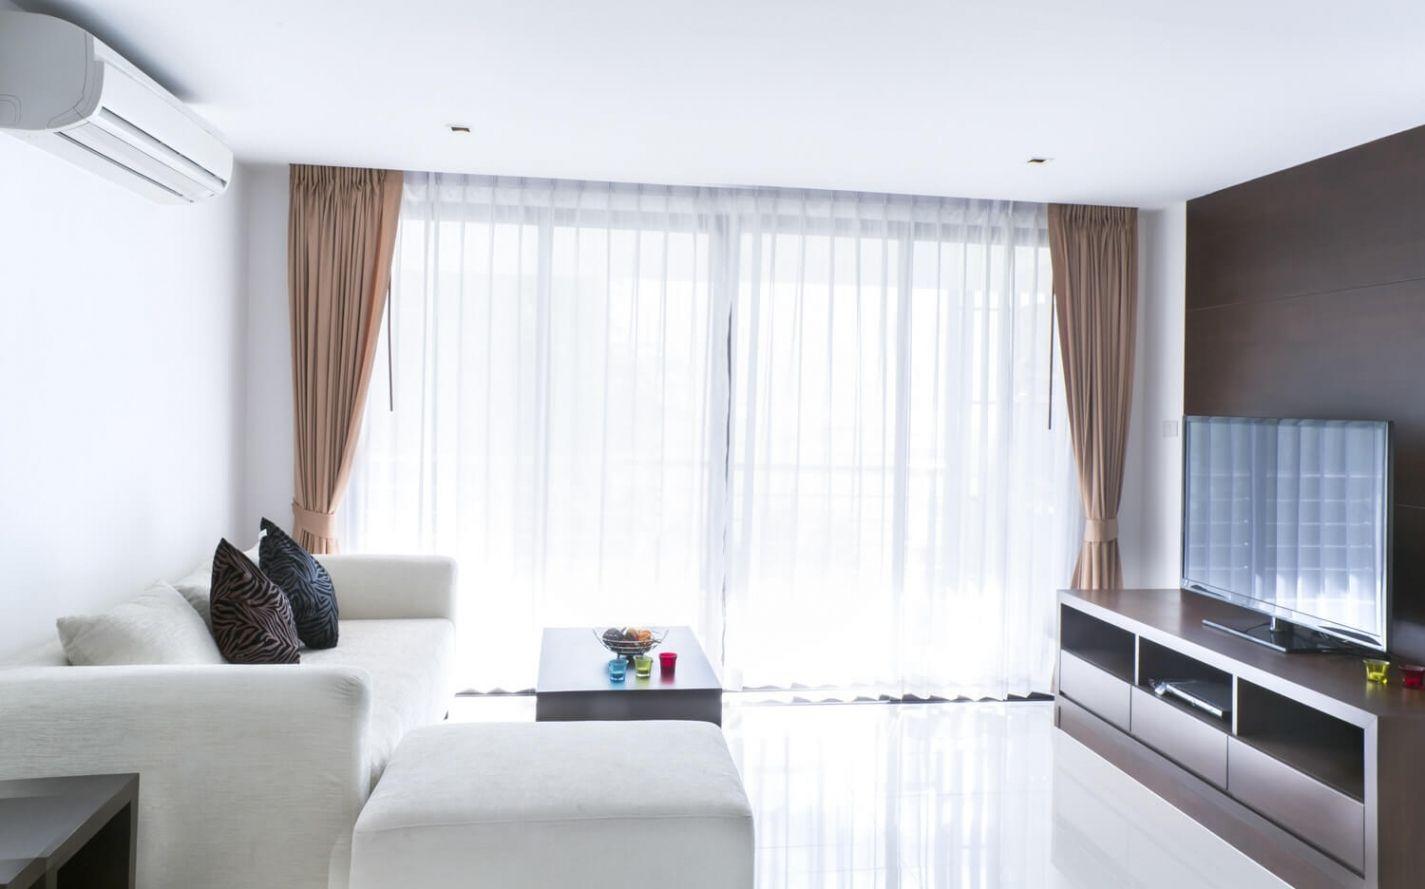 Glasbilder Wohnzimmer ~ Attraktiv gardinen für wohnzimmer bilder wohnzimmer ideen